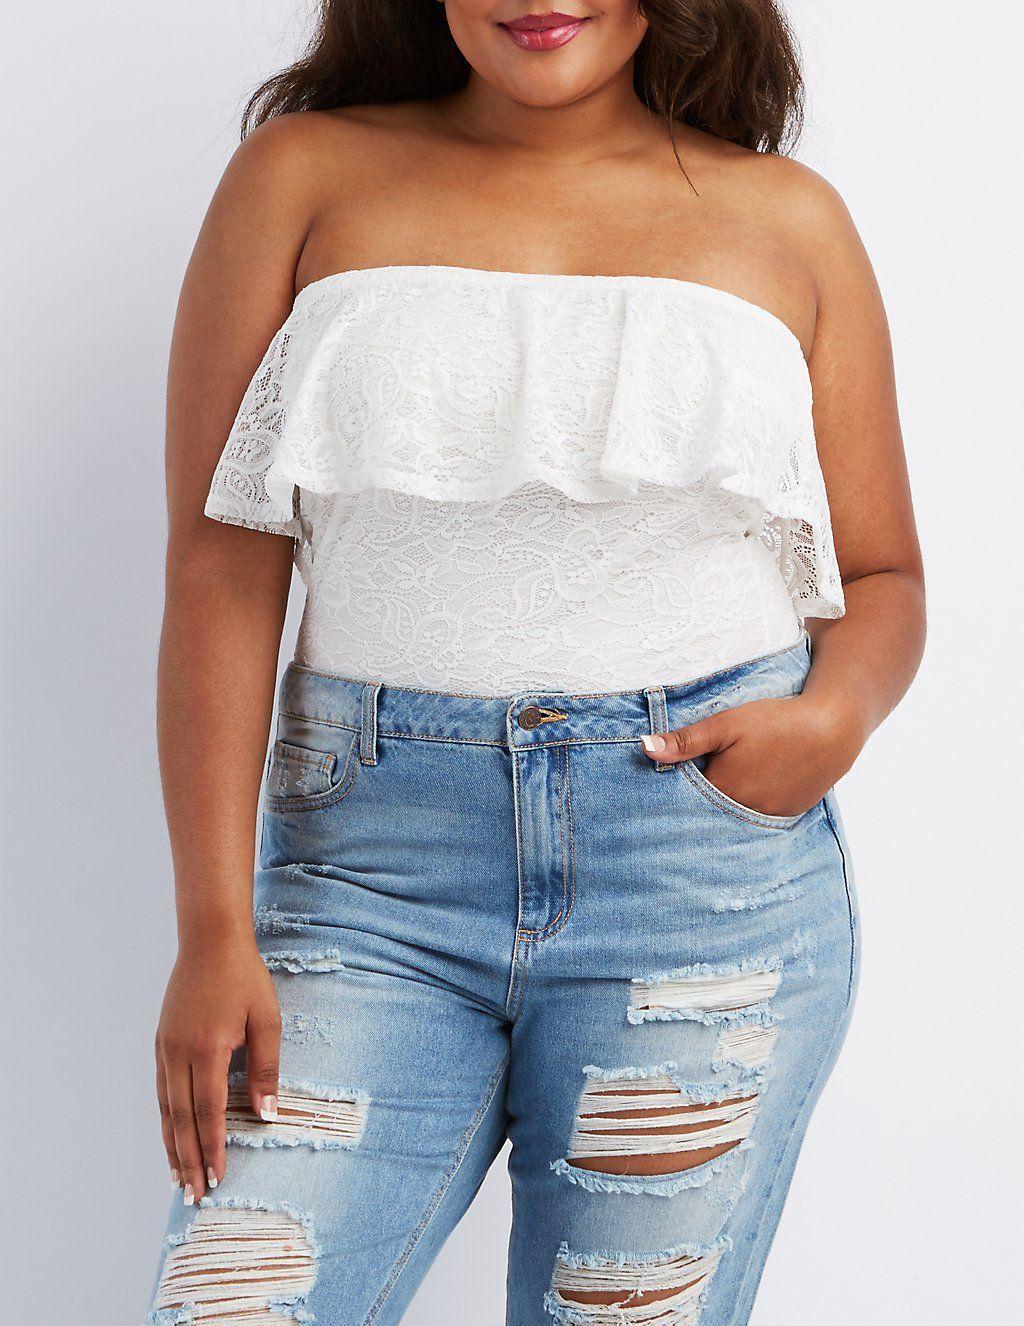 Plus Size Strapless Lace Bodysuit  Halloween  Pinterest  Lace